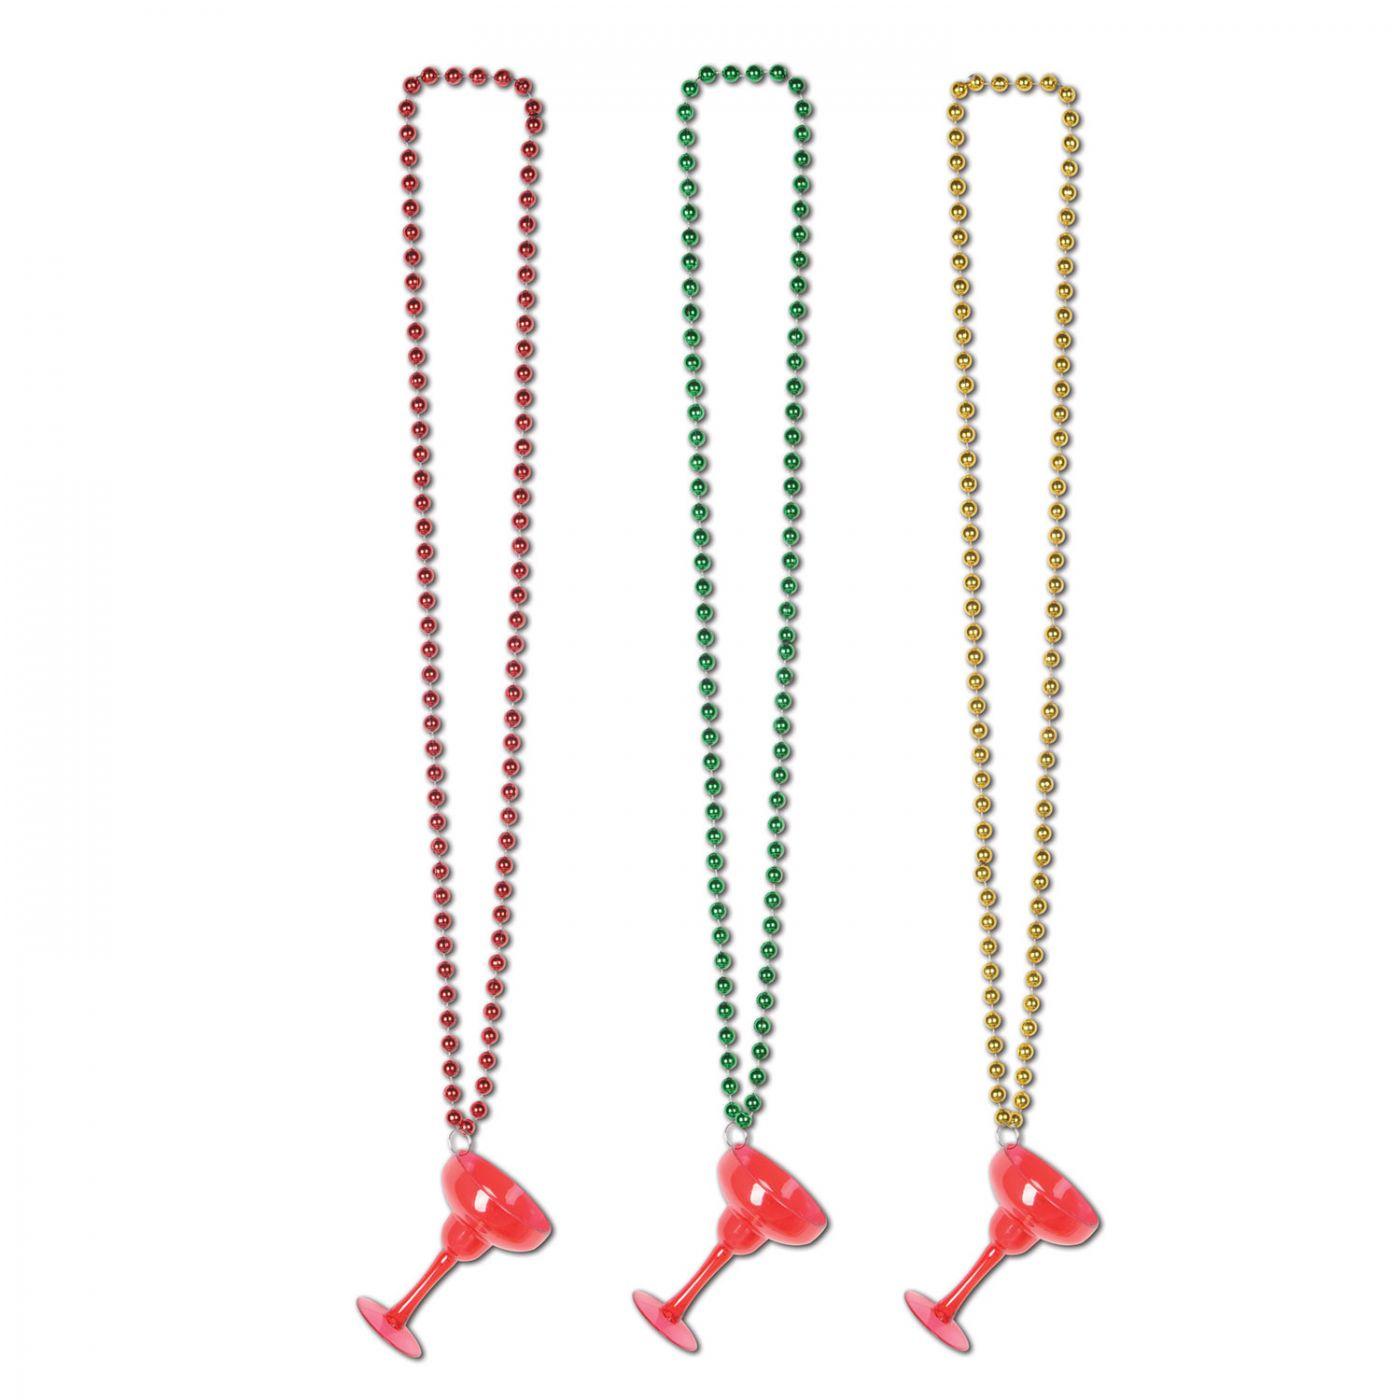 Image of Beads w/Margarita Glass